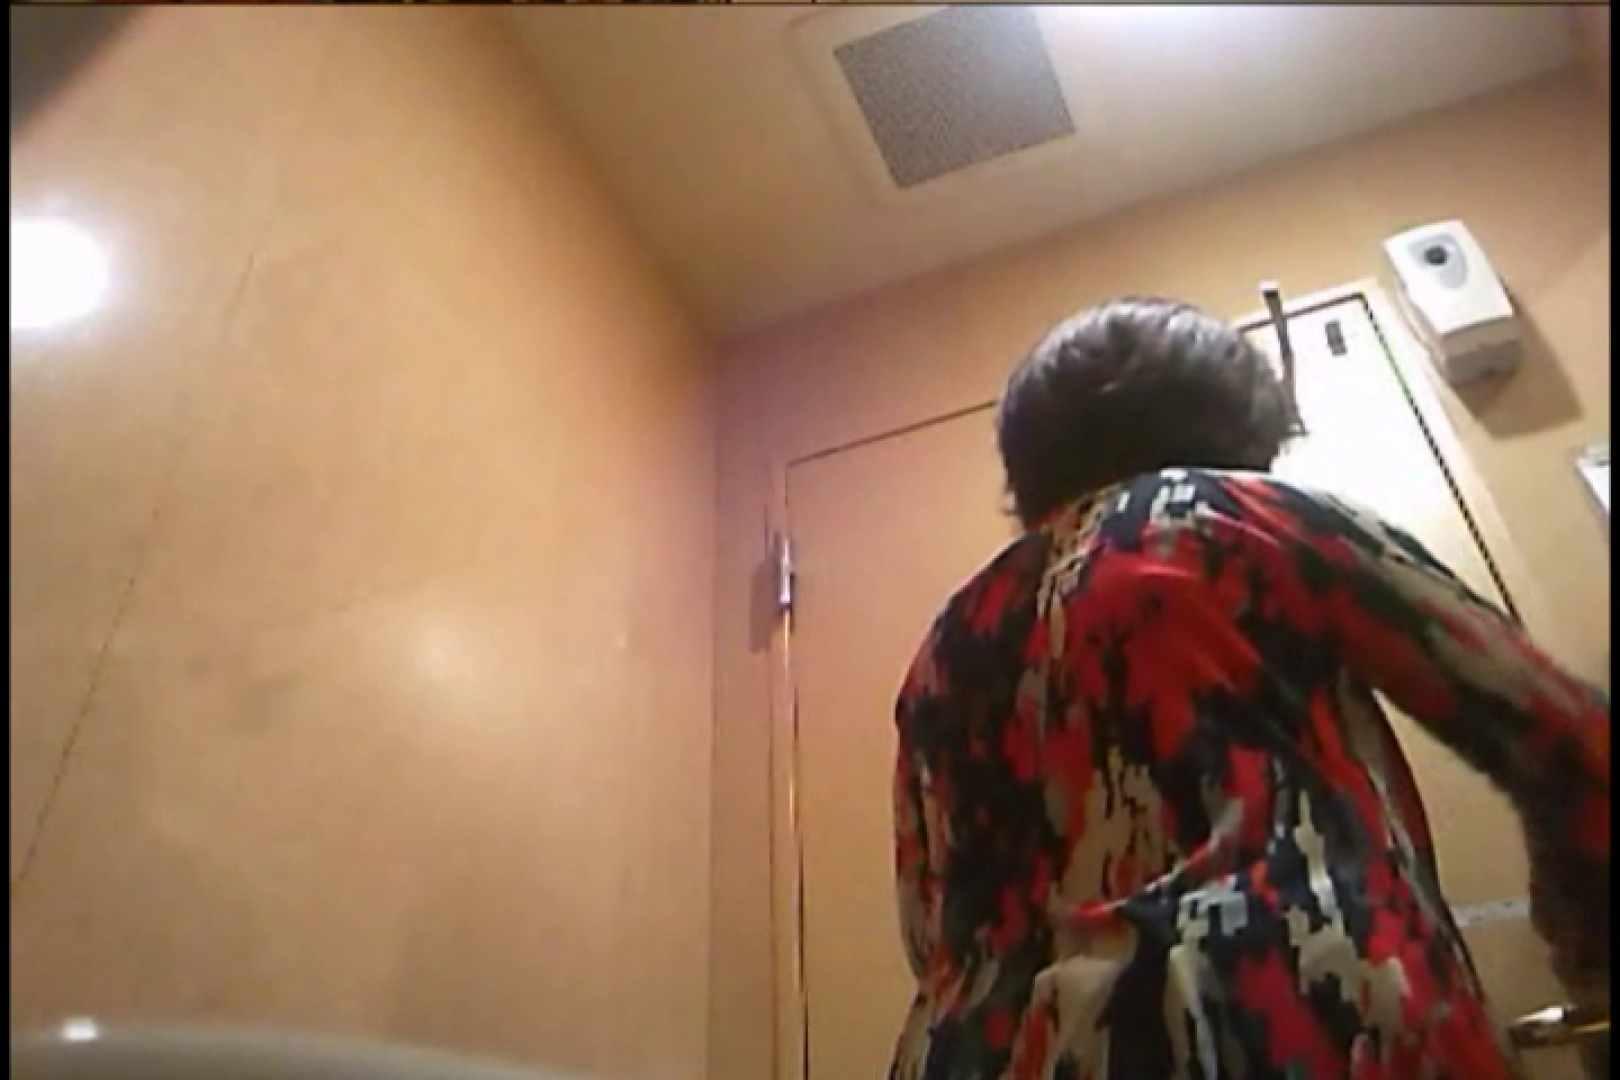 潜入!!女子化粧室盗撮~絶対見られたくない時間~vo,98 妊婦ヌード動画 隠し撮りオマンコ動画紹介 104画像 59